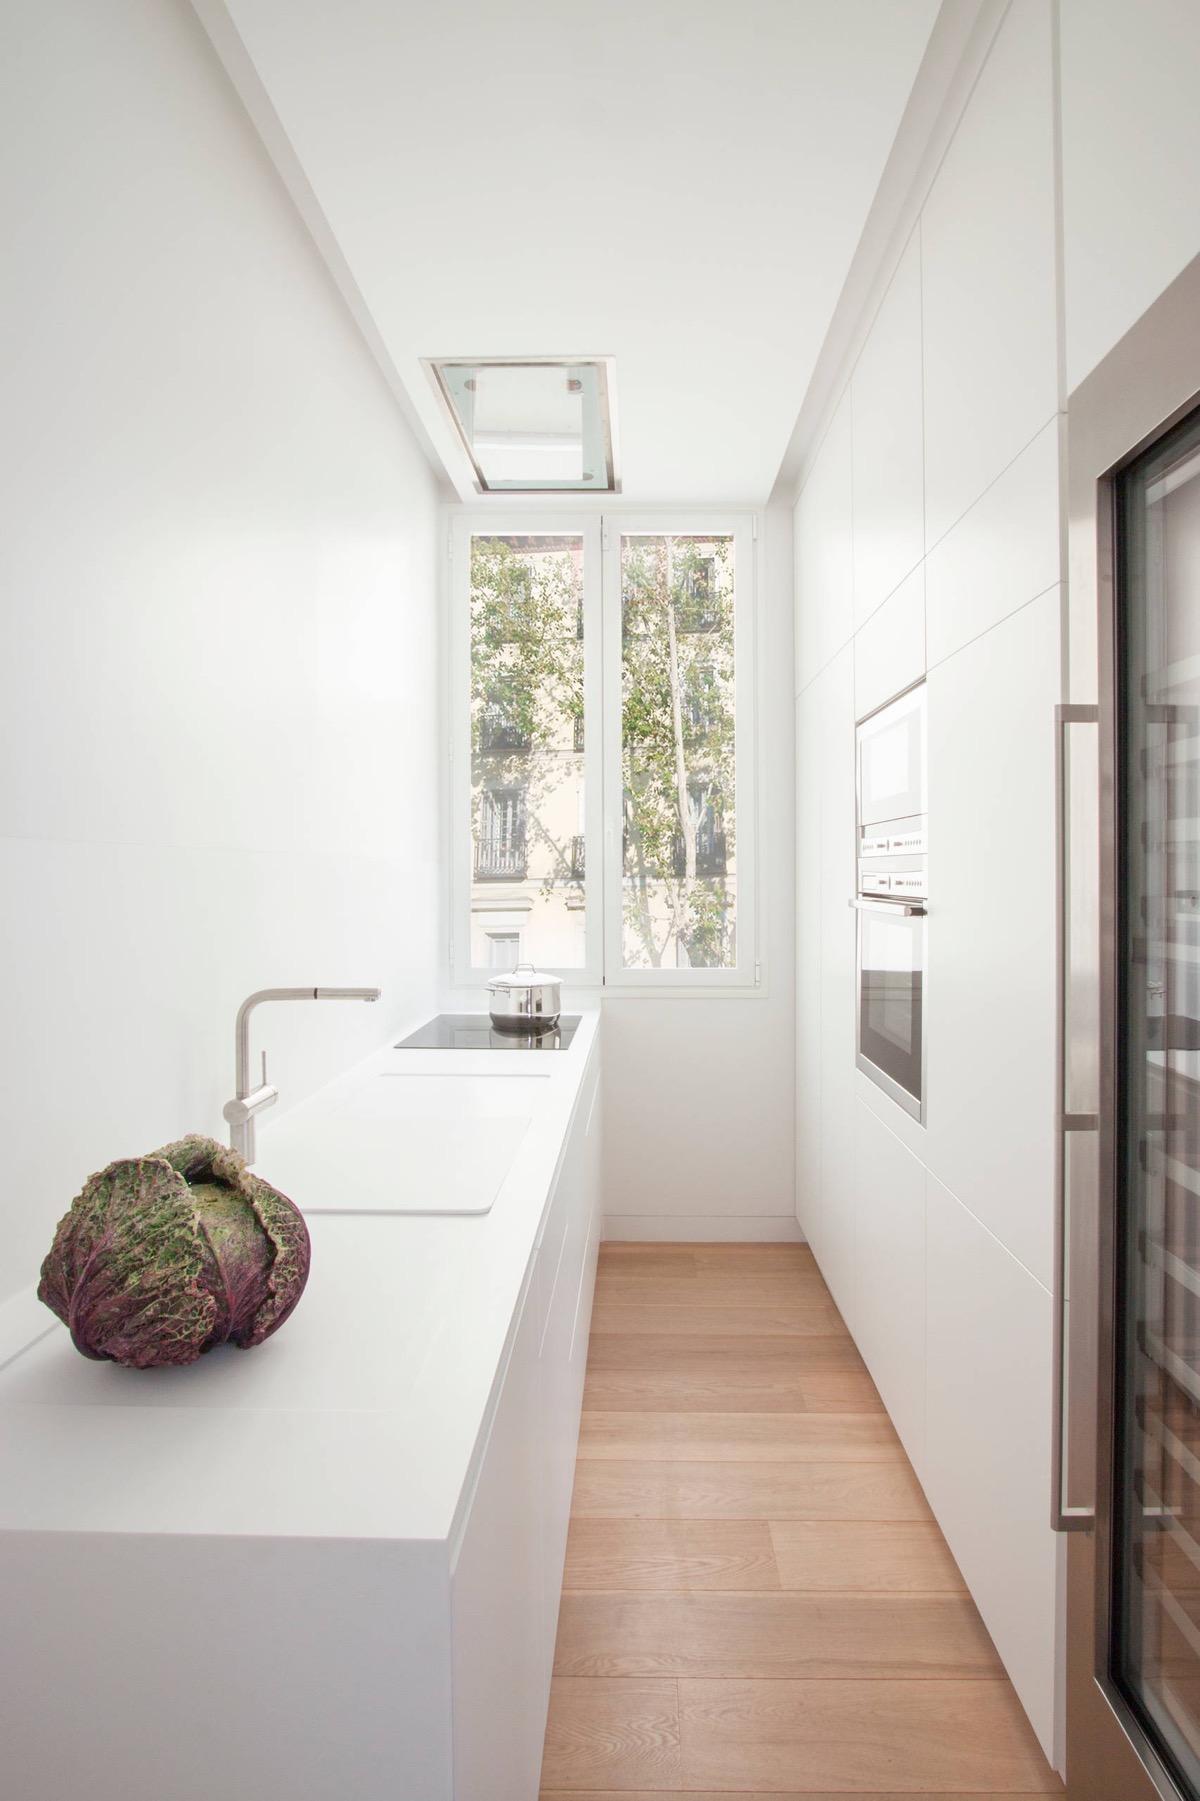 23 mẫu phòng bếp tối giản với tone màu trắng chủ đạo sẽ khiến bạn không thể không yêu - Ảnh 21.